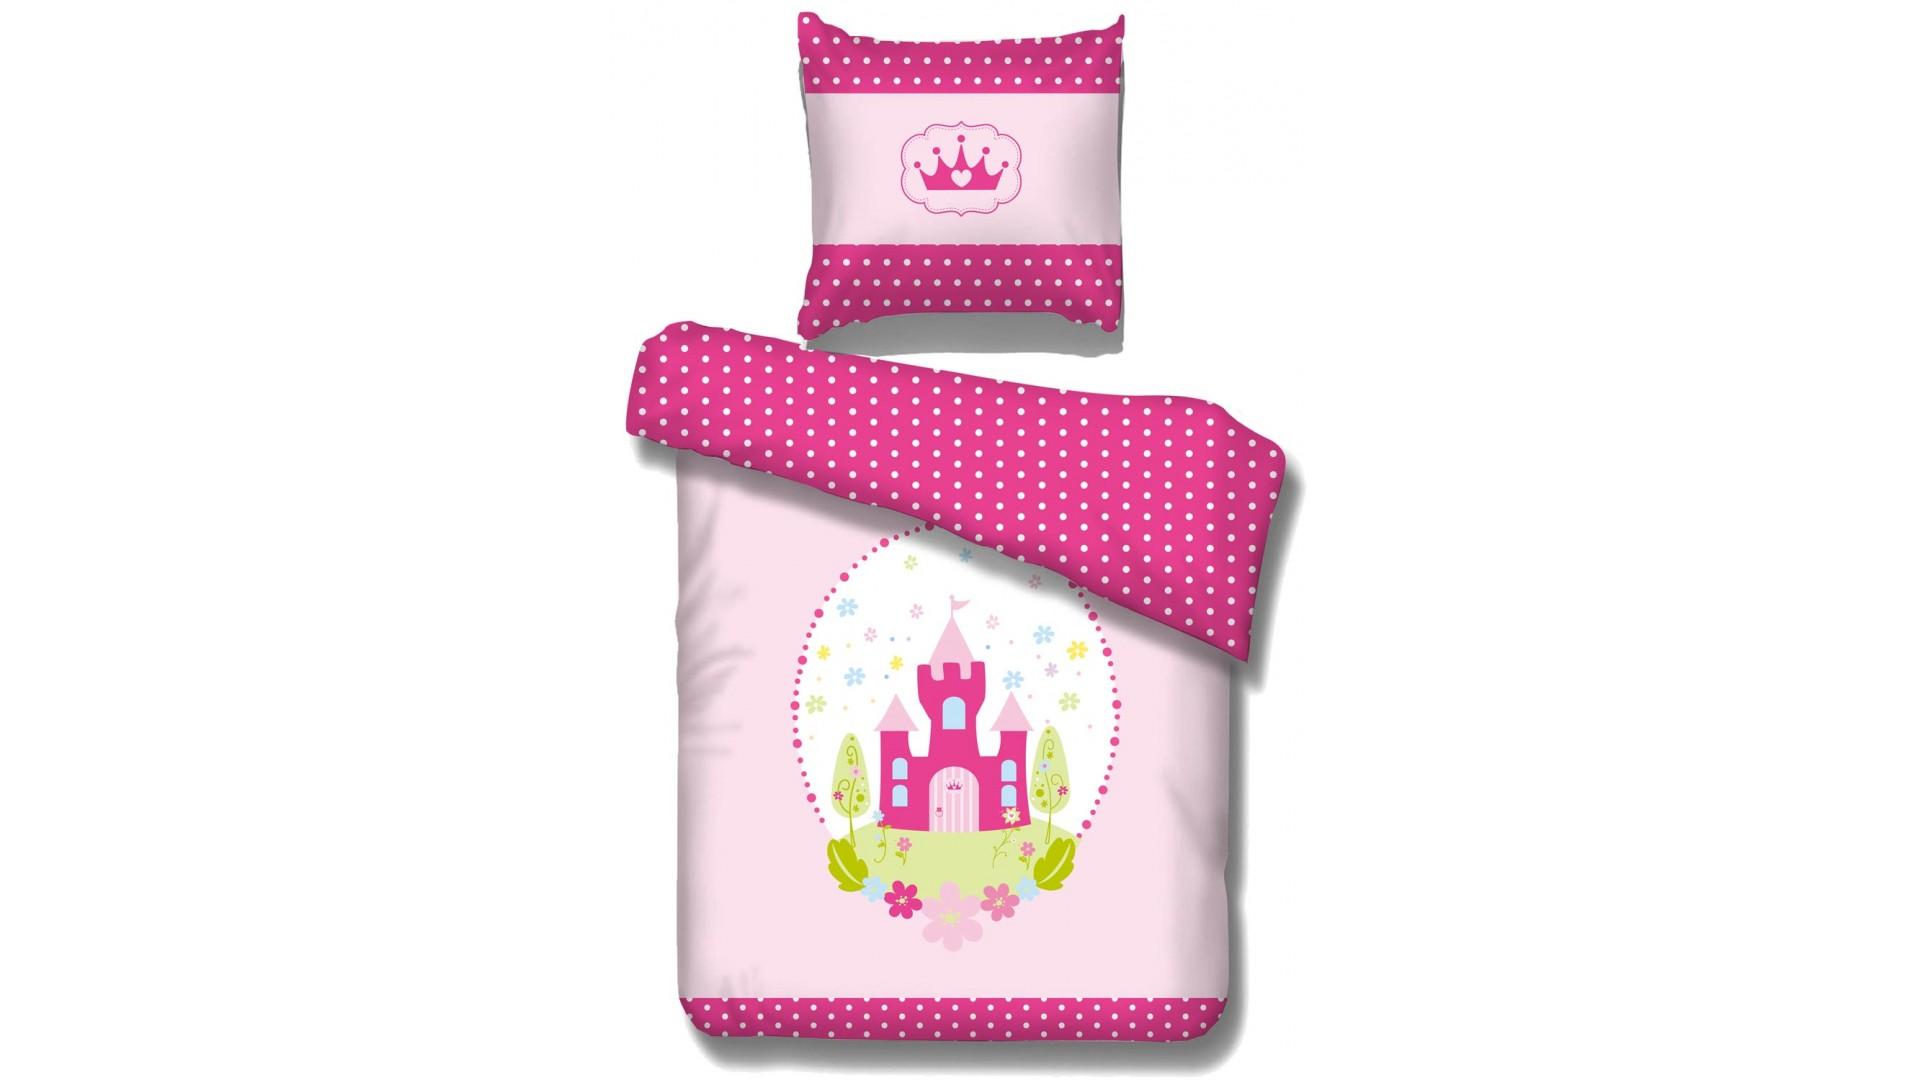 Parure lit enfant Princesse 100% coton housse couette + taie oreiller - SONUIT